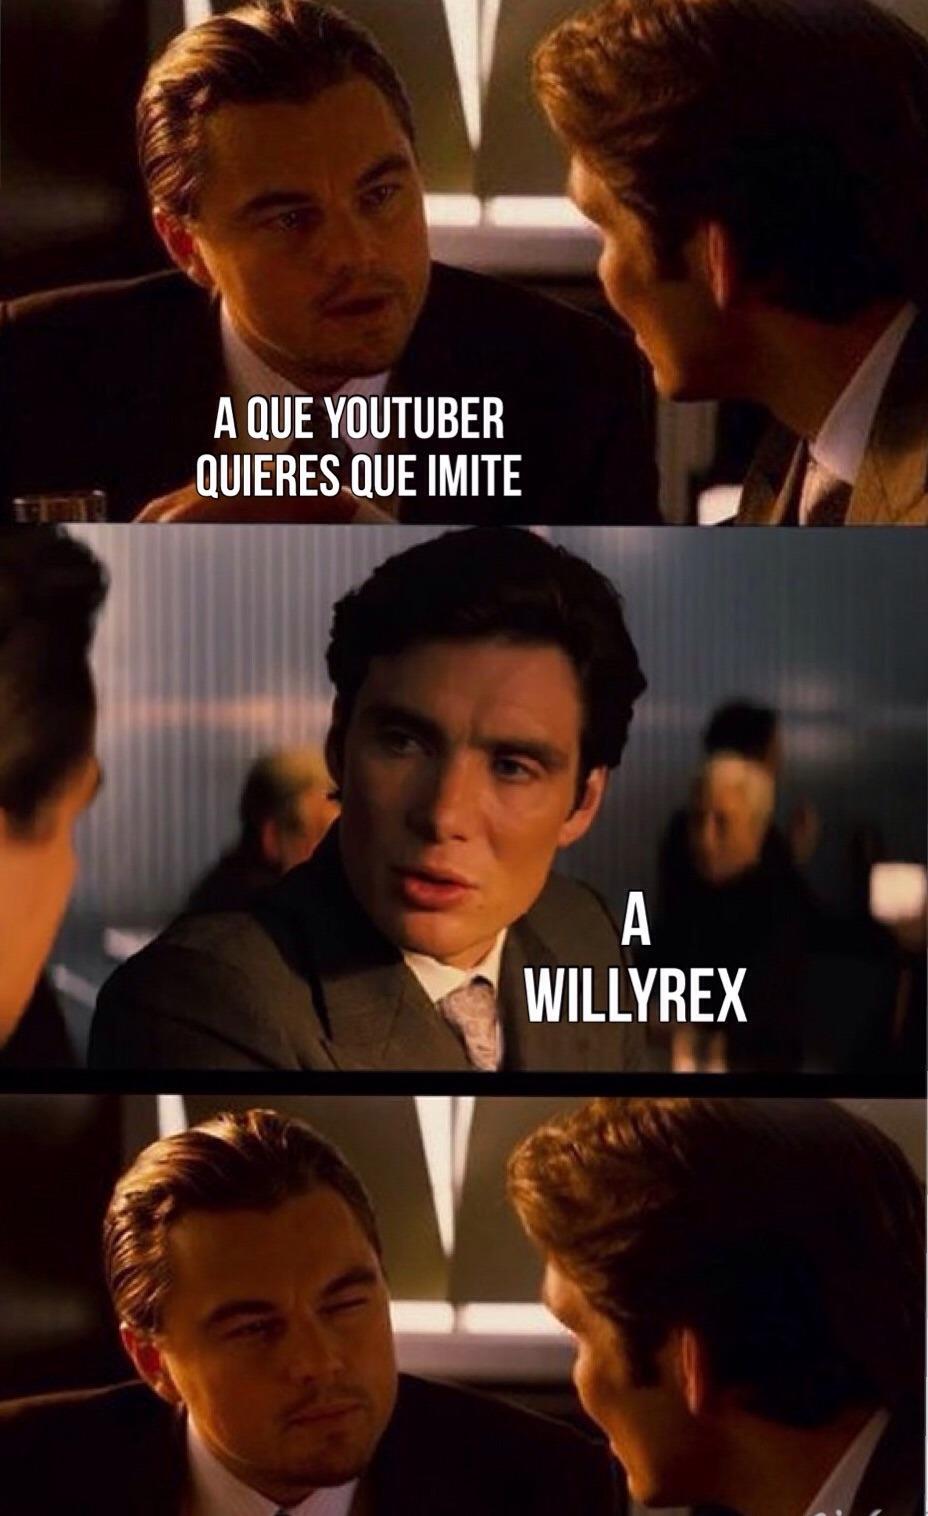 Willyrex Jajajajja - meme